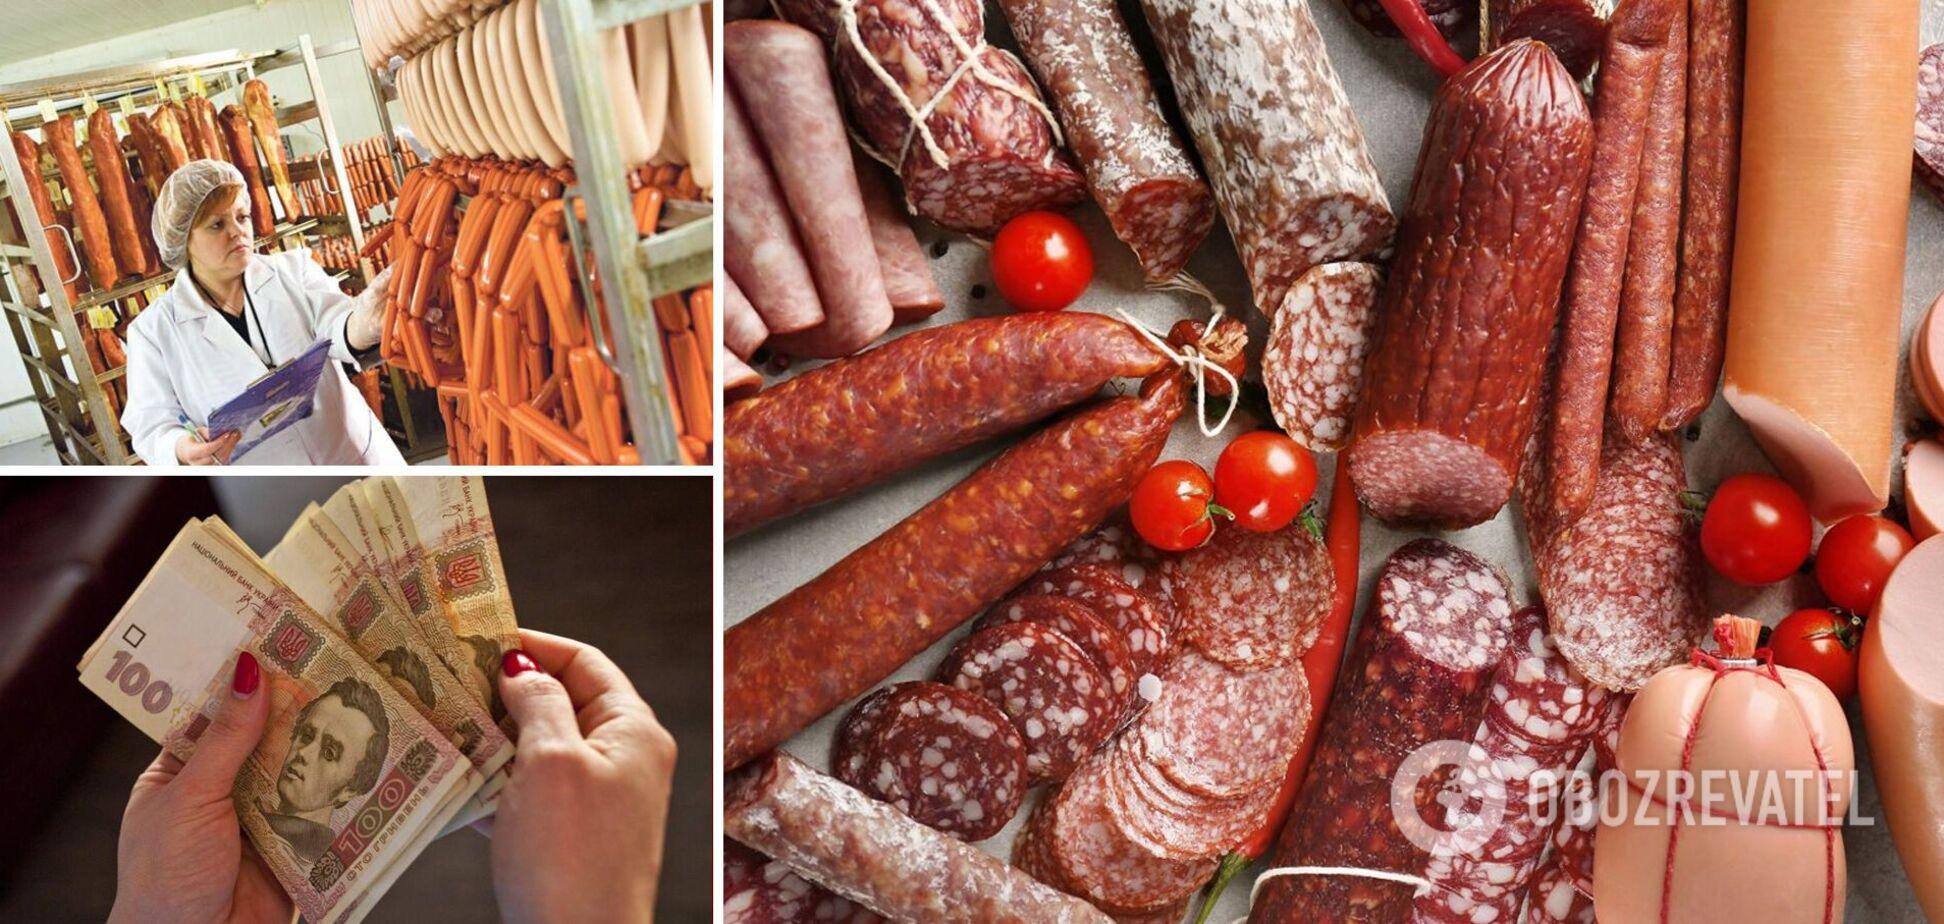 Украинцам вместо колбасы продают фальсификат: какую нельзя покупать и как выбрать качественную